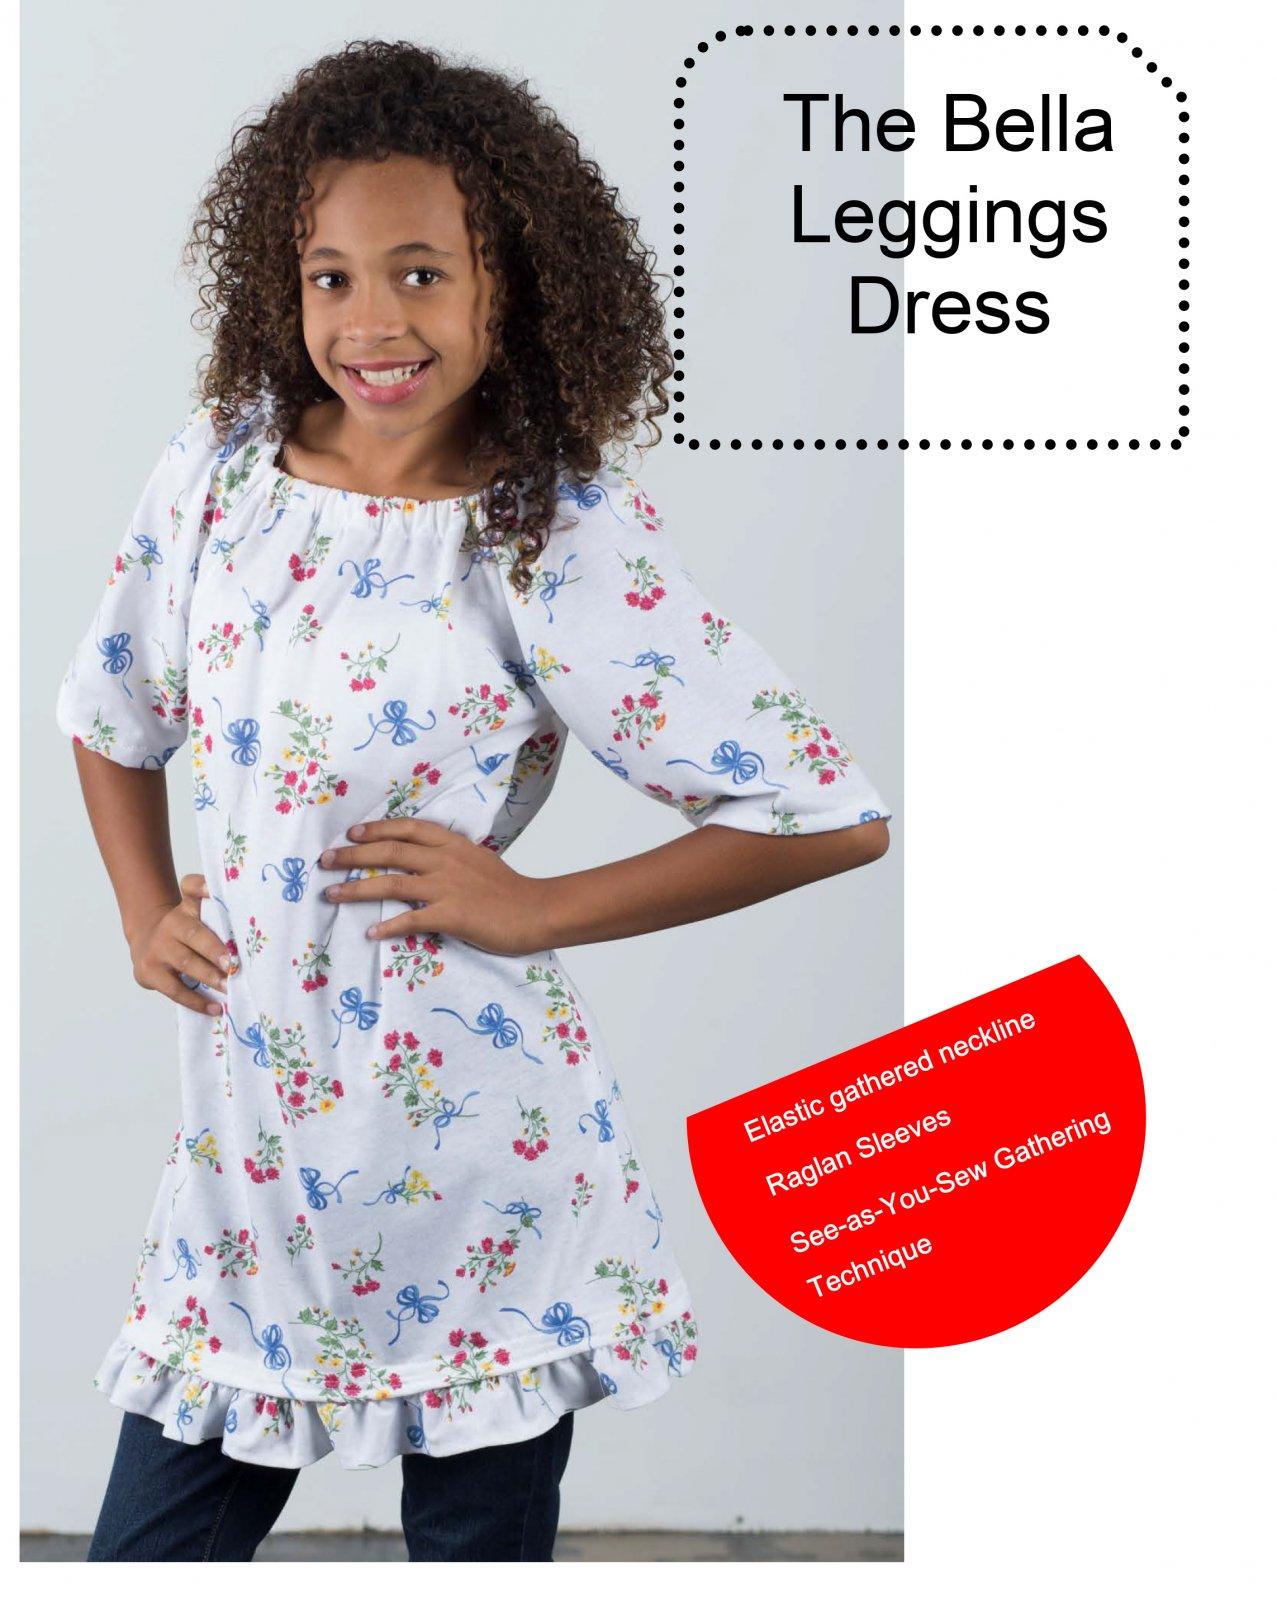 Bella Leggings Dress Tween Sewing Pattern